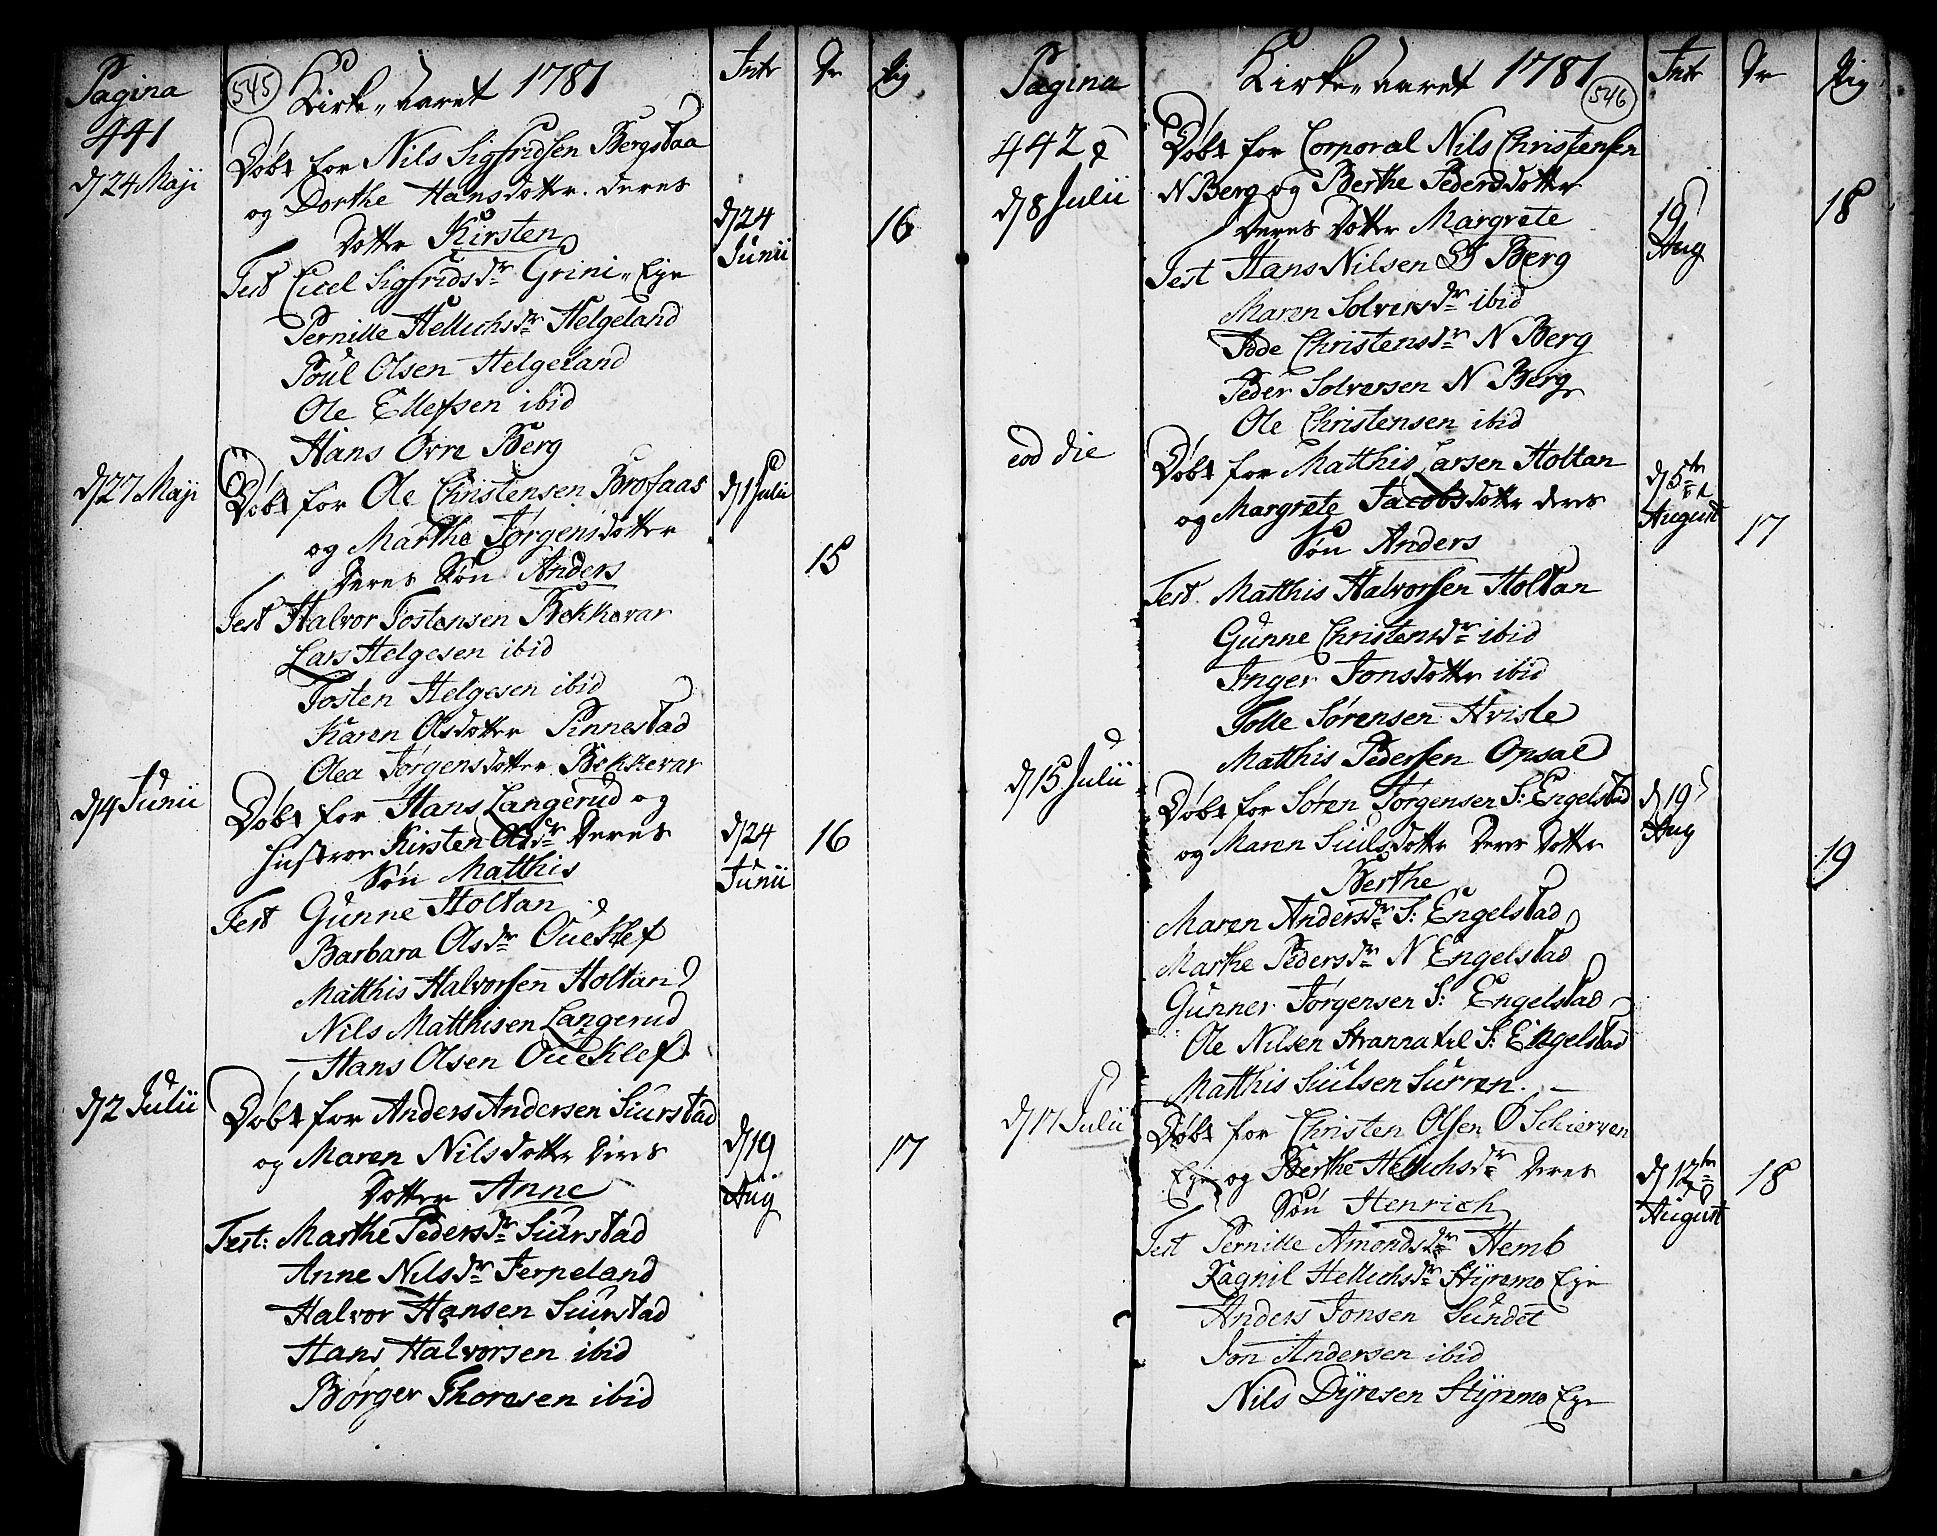 SAKO, Lardal kirkebøker, F/Fa/L0003: Ministerialbok nr. I 3, 1733-1815, s. 545-546